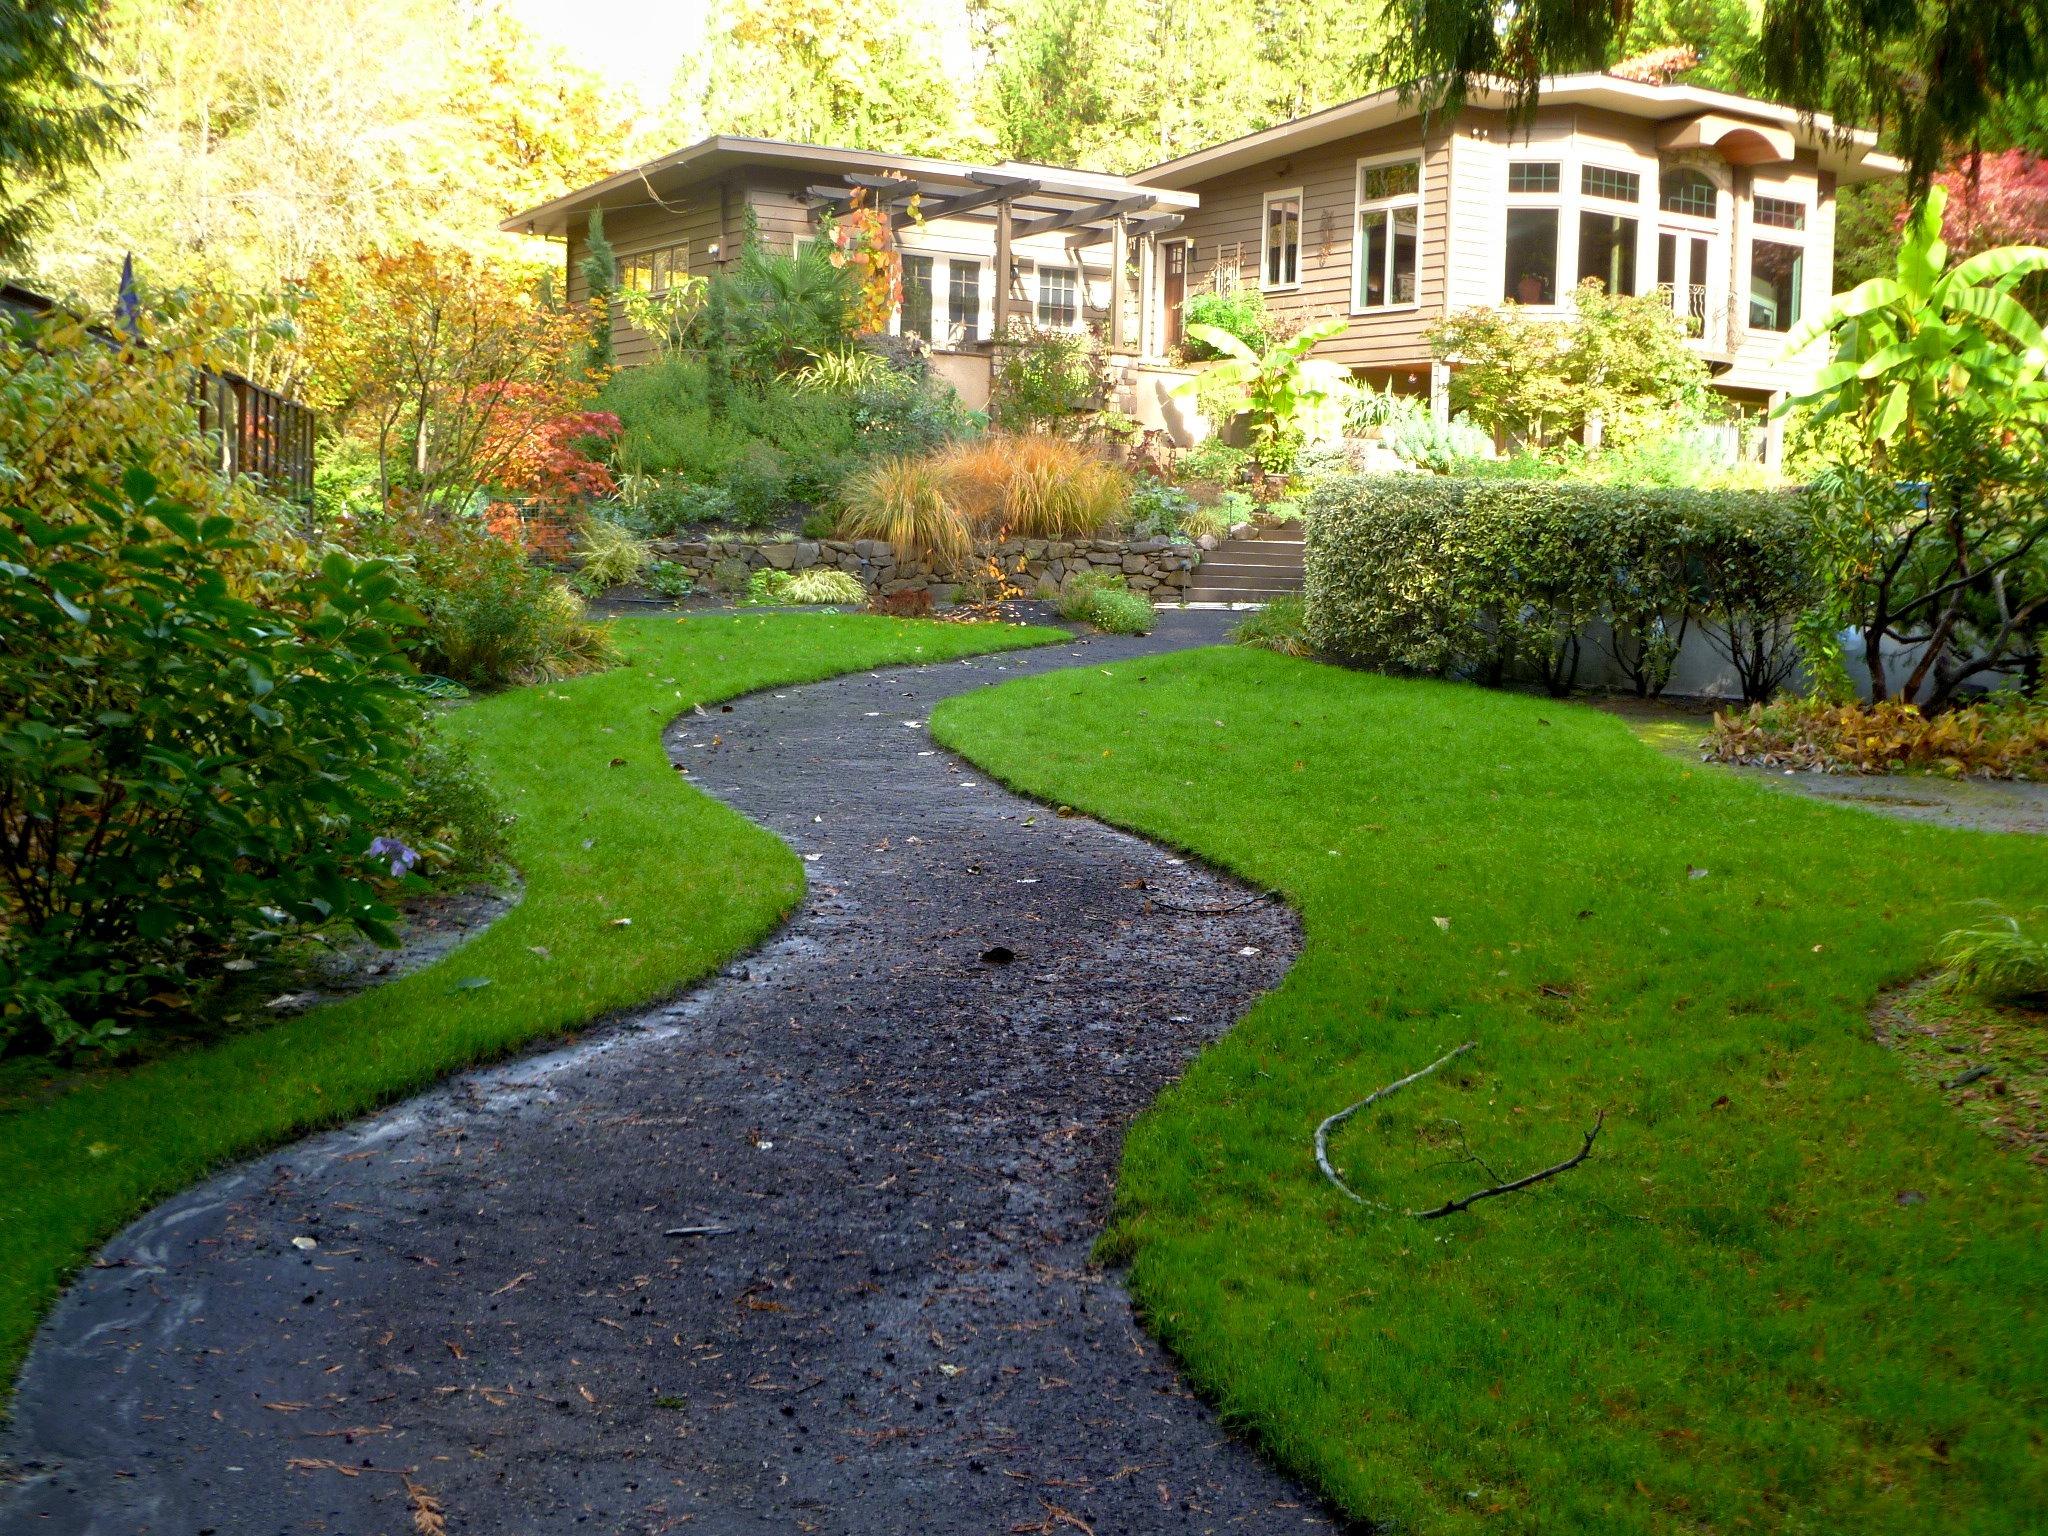 images gratuites   paysage  chemin  herbe  pelouse  maison  passerelle   u00e9t u00e9  tropical  luxuriant